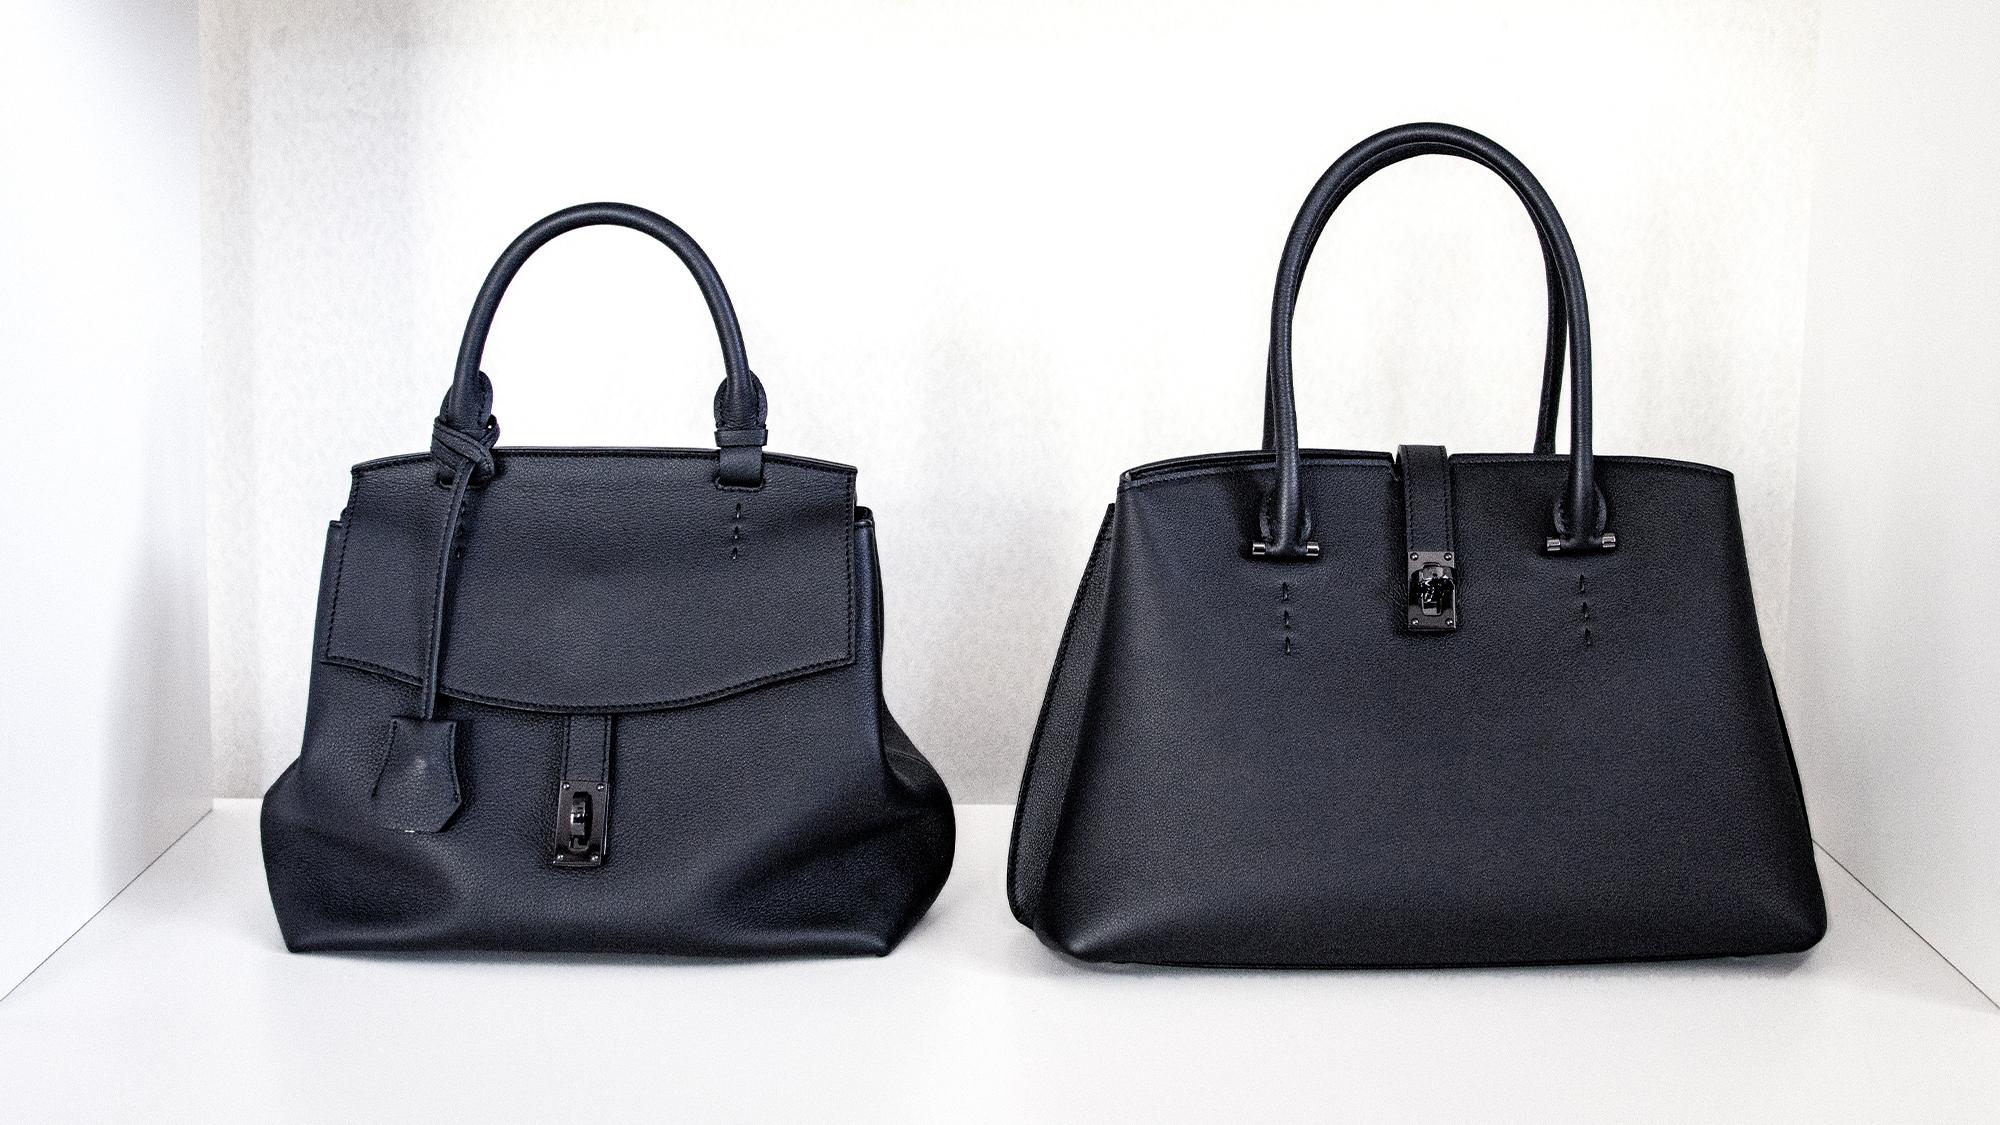 最高峰シュリンクレザー・スプレスを採用した本革バッグ「ELISABETH」と「MATHIDLE」が登場。